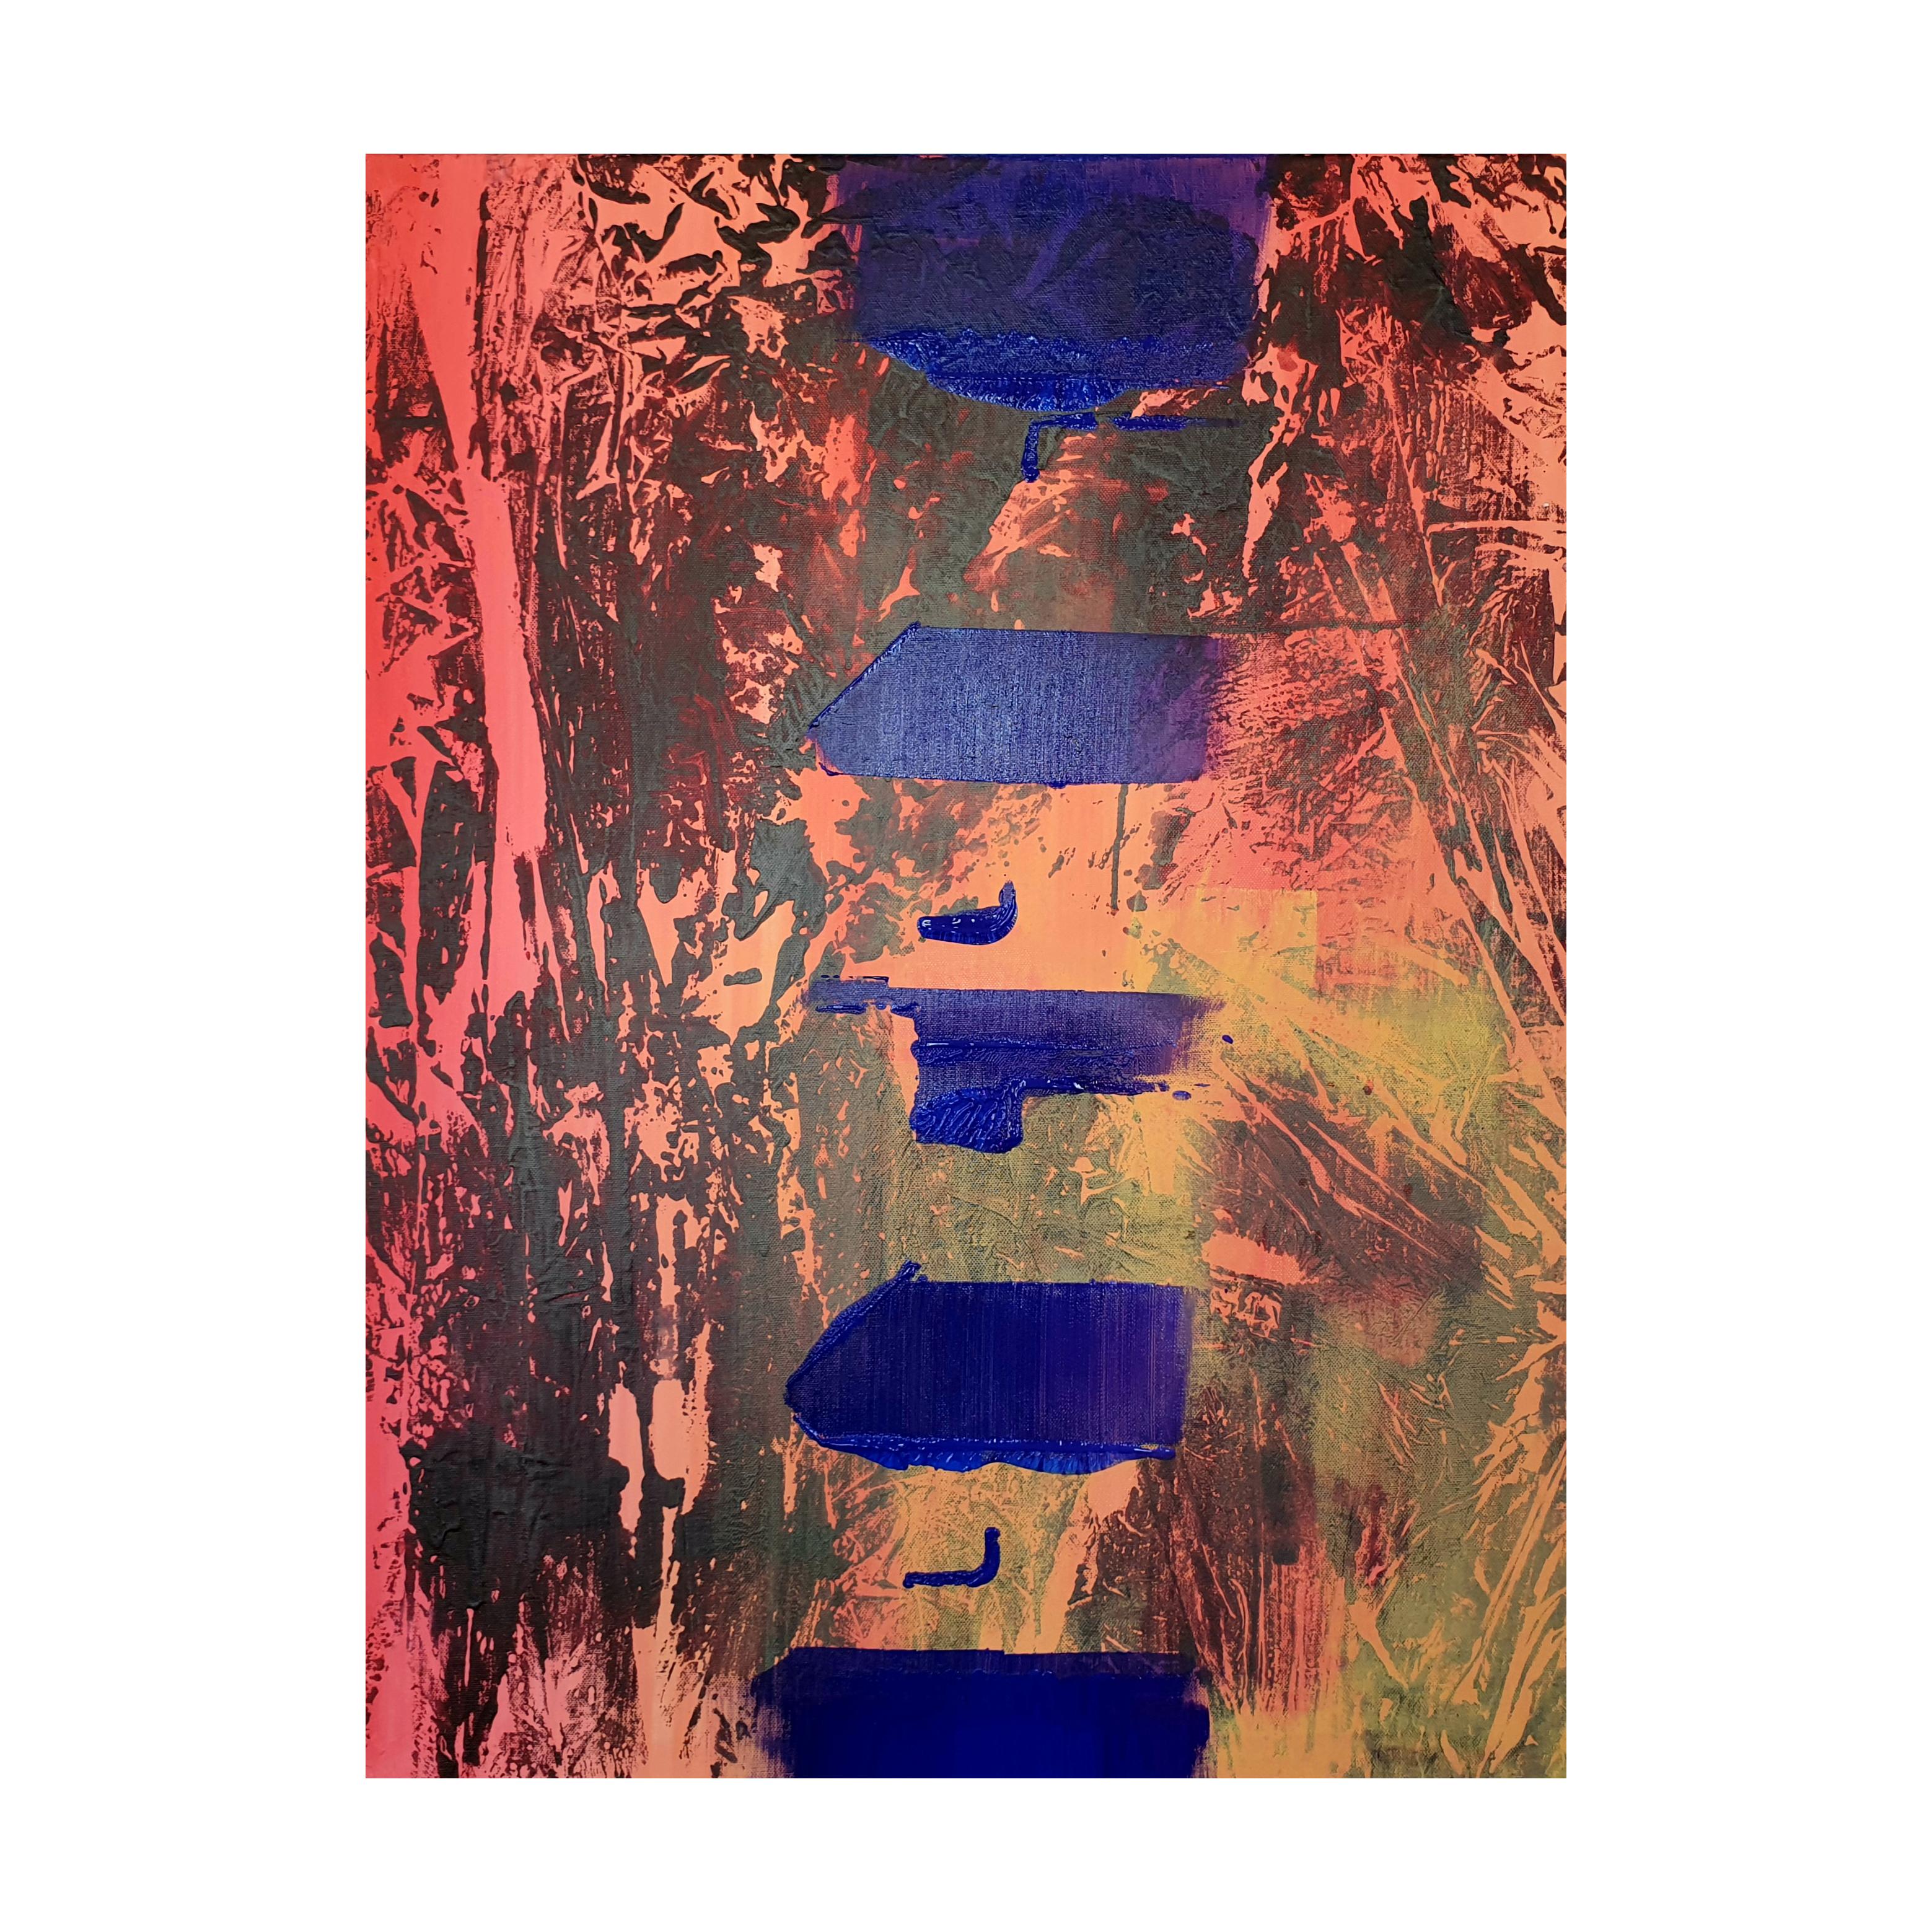 new_1 cm 60 x 80 Acryl auf Papier